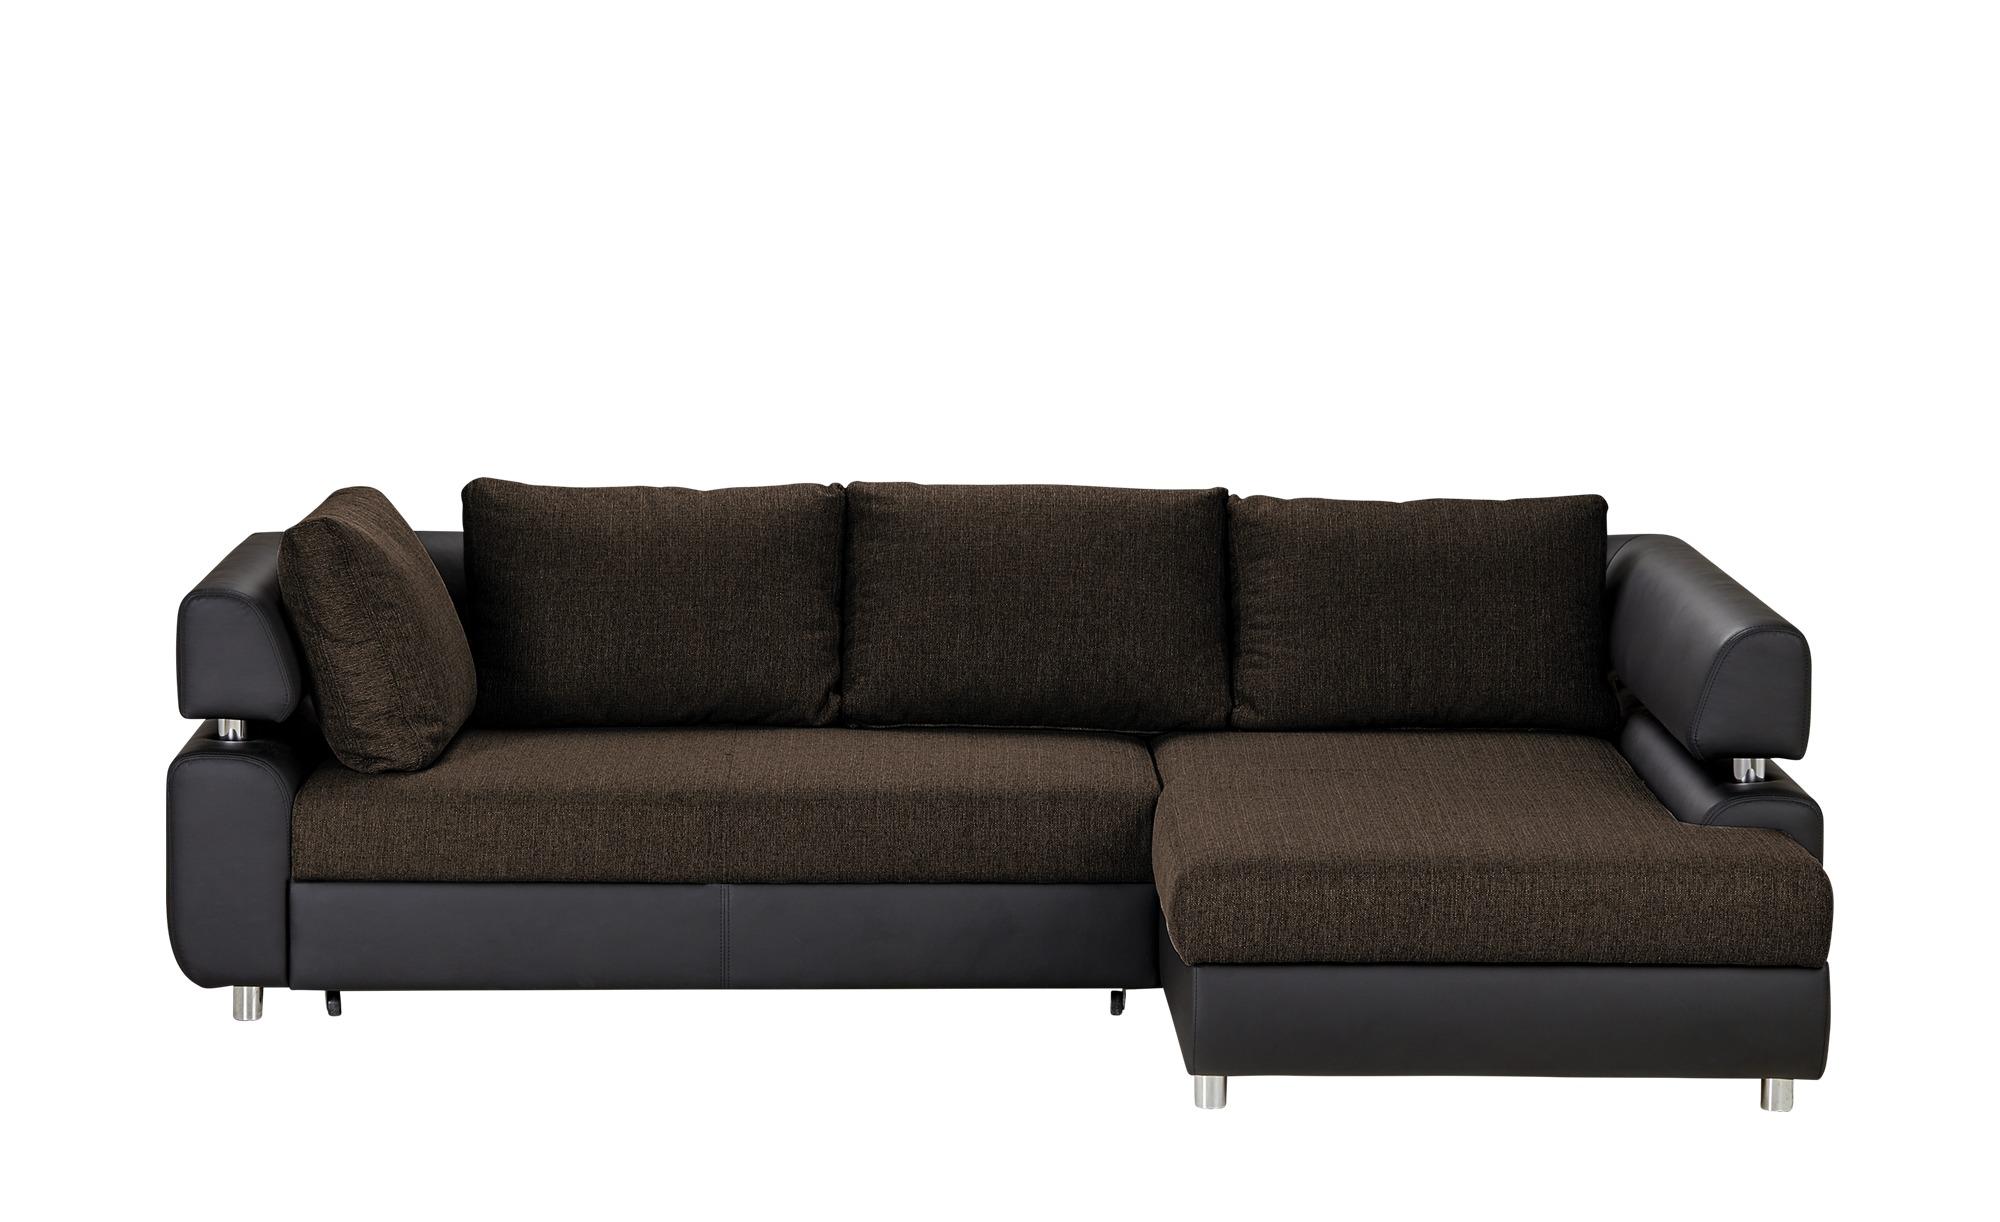 Switch Ecksofa Mit Schlaffunktion Schwarz Braun Kunstleder Webstoff Panama Big Sofa Kaufen Sofa Leder Und Ecksofas